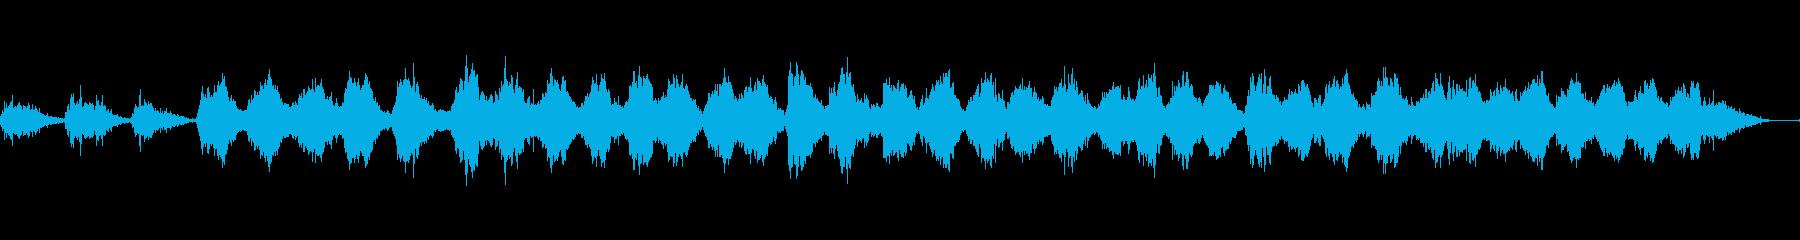 海底を思わすリラクゼーションミュージックの再生済みの波形